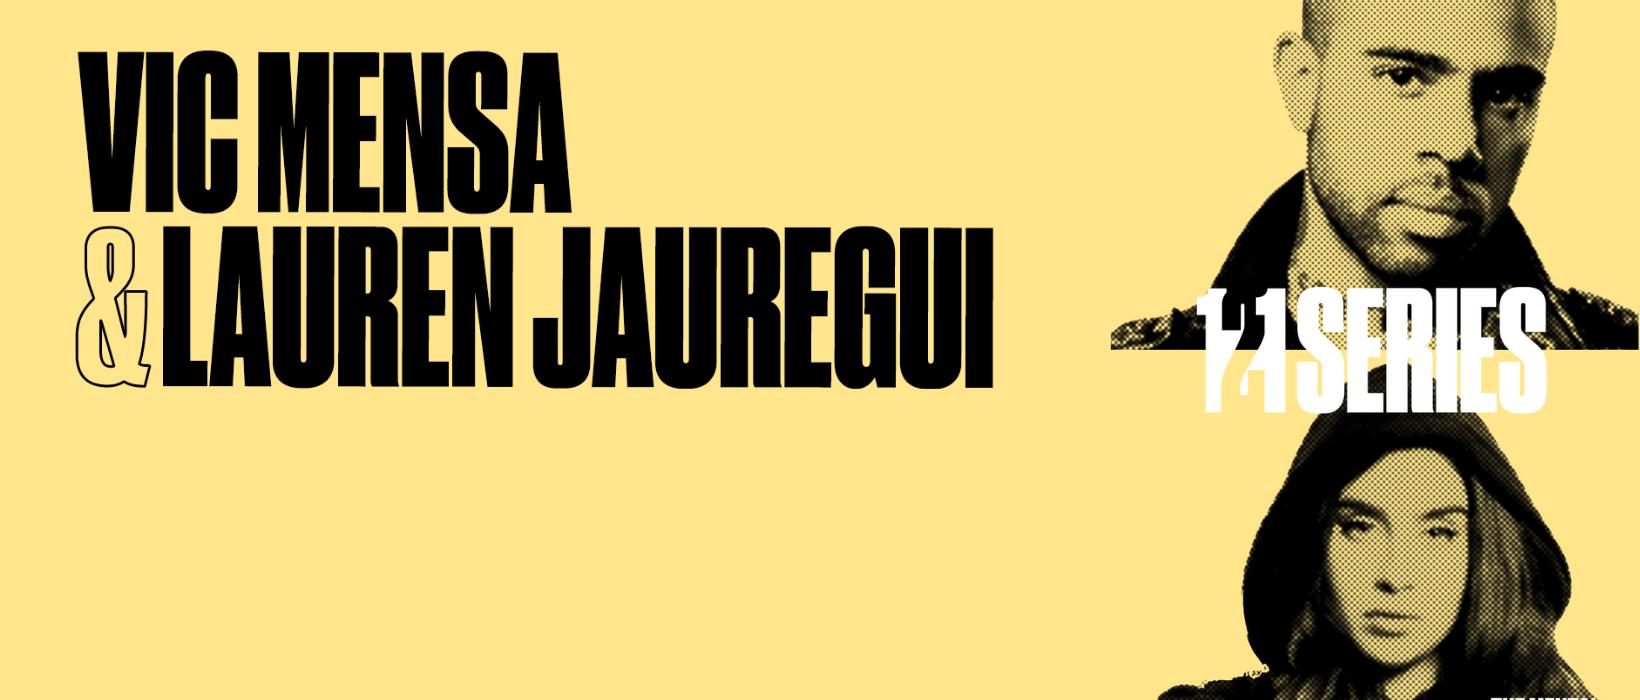 Vic Mensa & Lauren Jauregui go 1 2 1